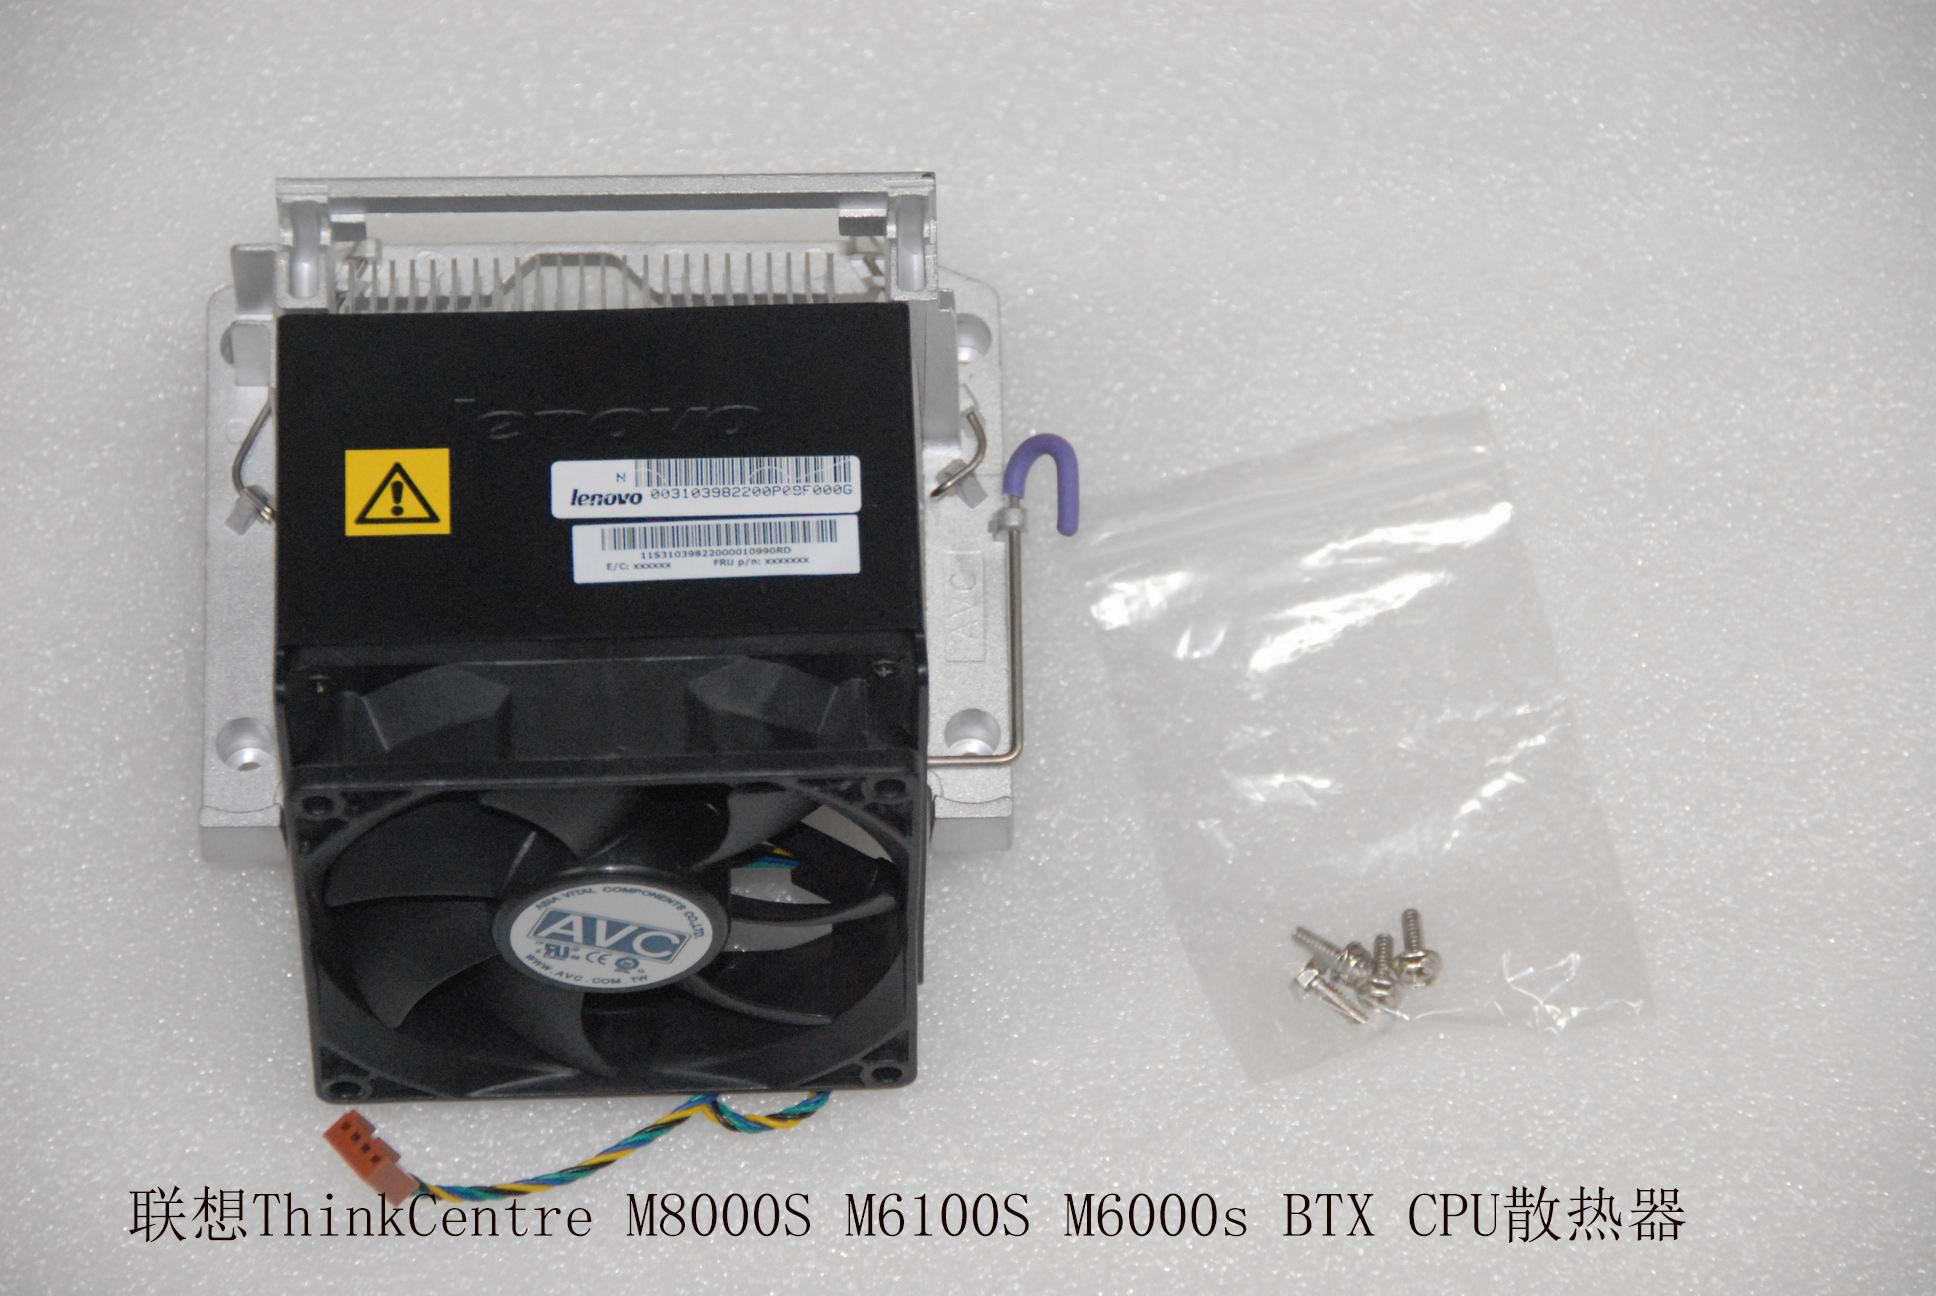 združenje ThinkCentreM8000SM6100SM6000sBTXCPU ventilator hladilnika